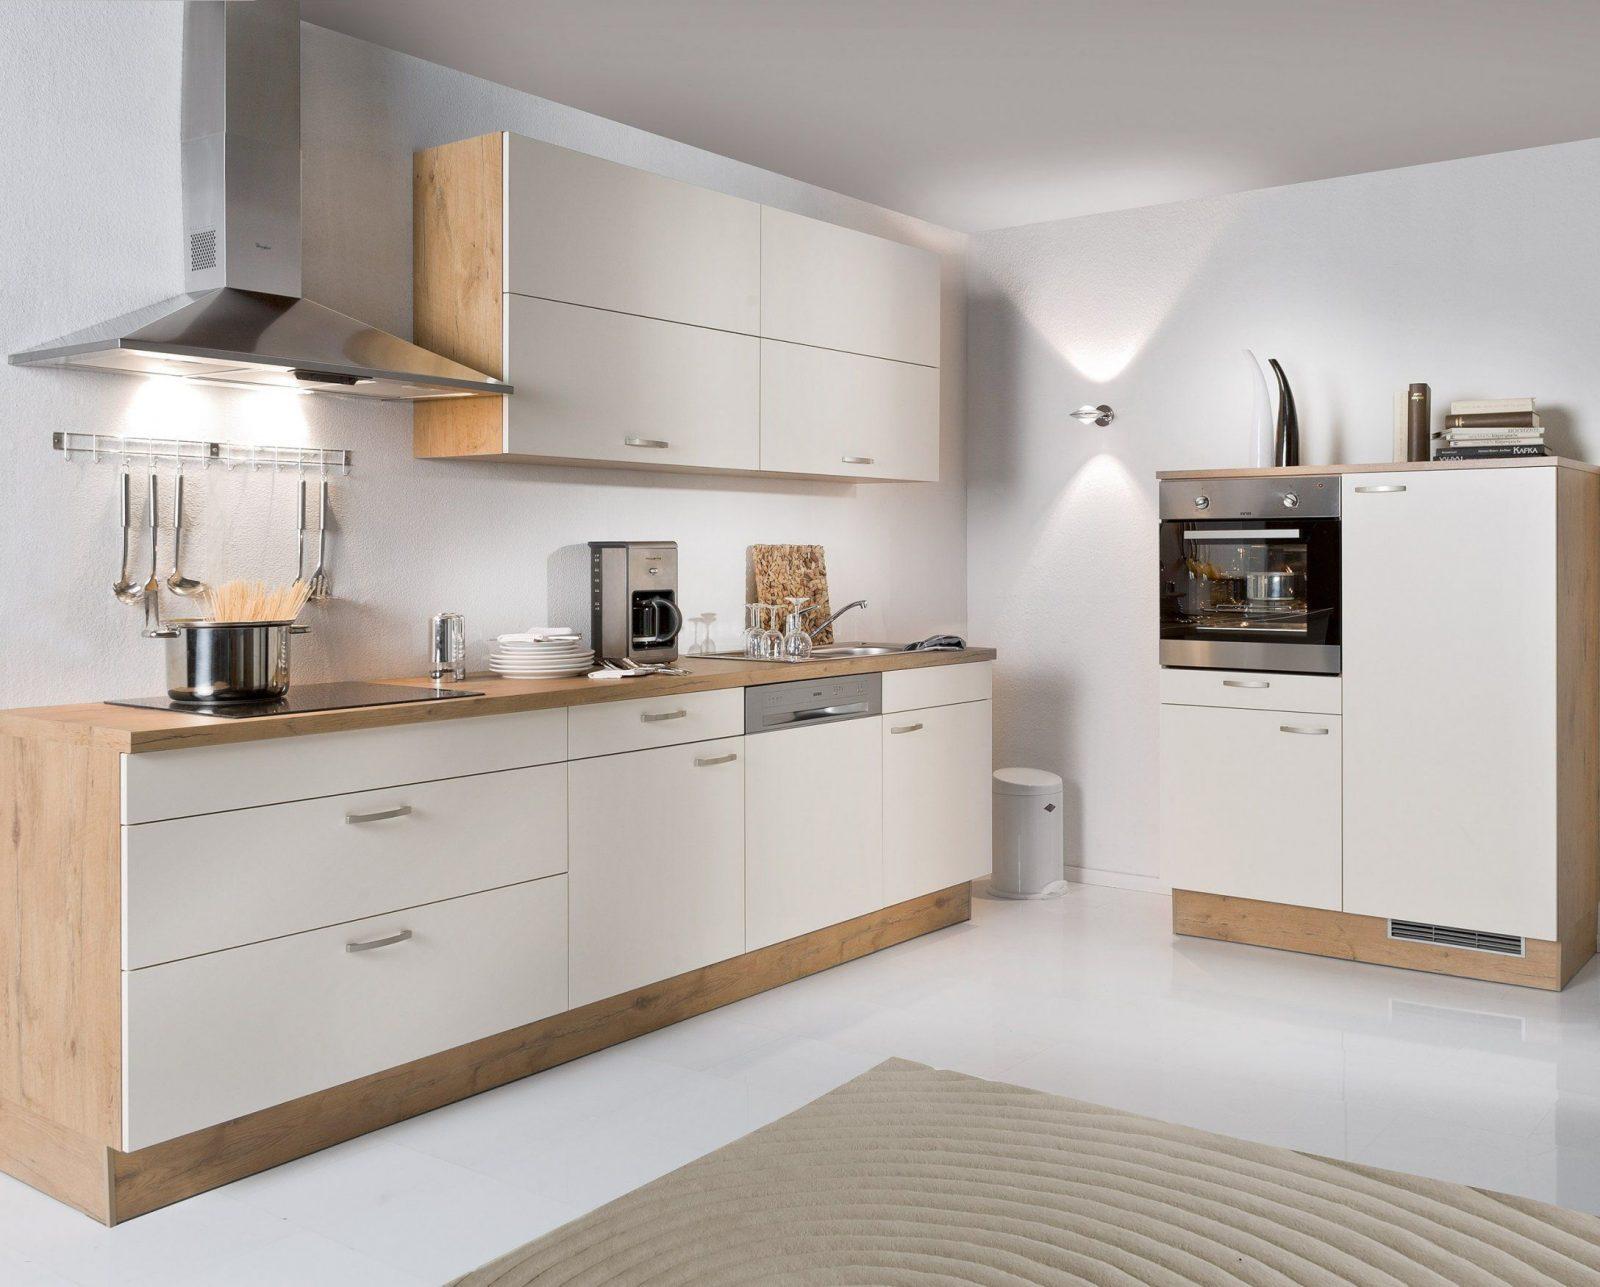 k che kaufen mit elektroger ten wiho kuechen kuechenzeile montana von k chenzeile 260 cm mit. Black Bedroom Furniture Sets. Home Design Ideas